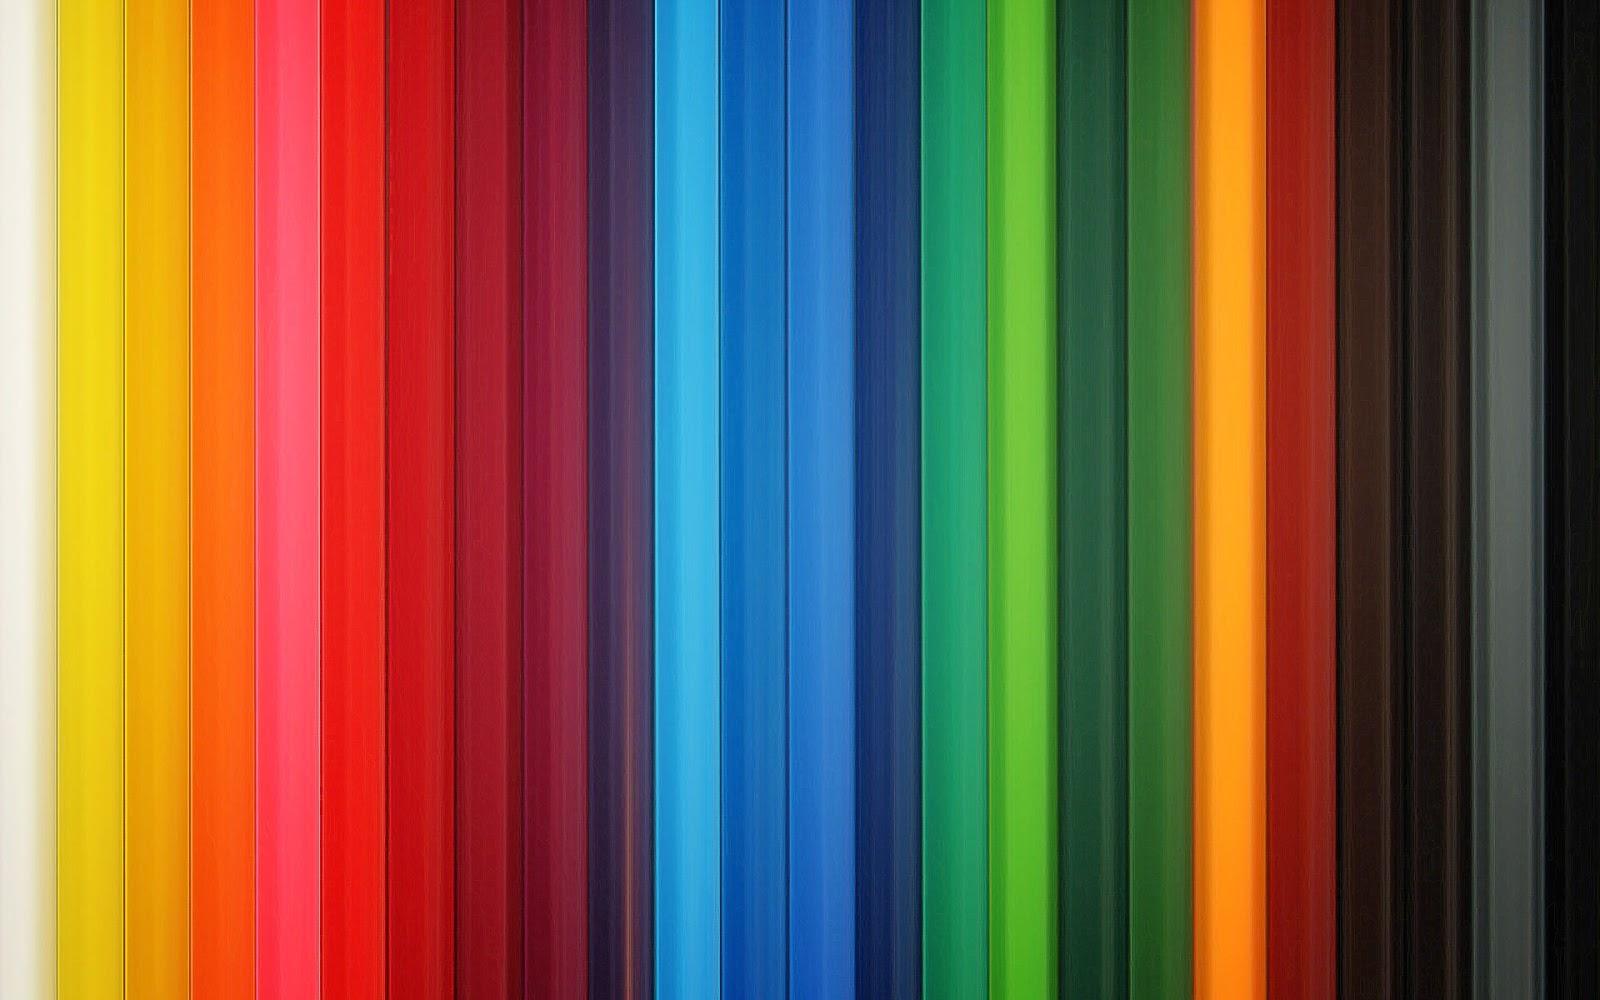 Bicheler el blog de bris los colores del verano - Gama de verdes ...